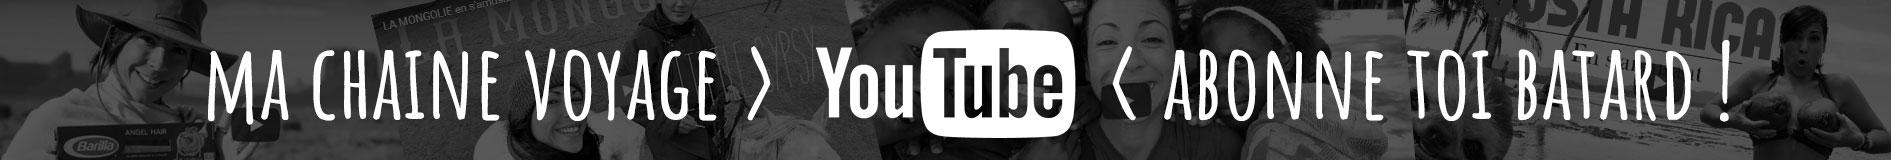 Chaîne Youtube Voyage